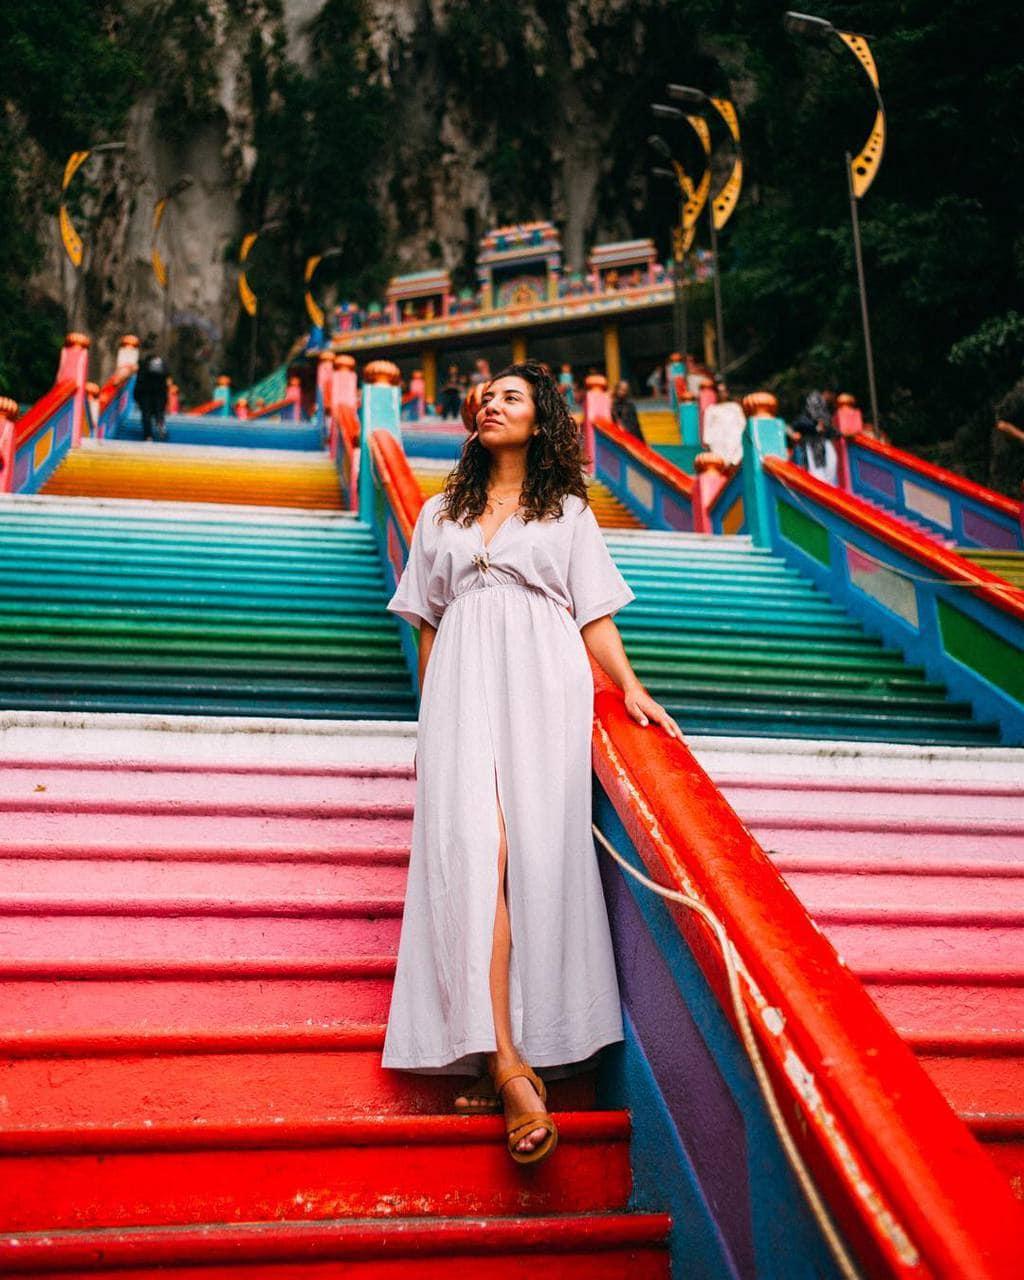 Rainbow Stairs Batu Caves Kuala Lumpur by @cyncynti